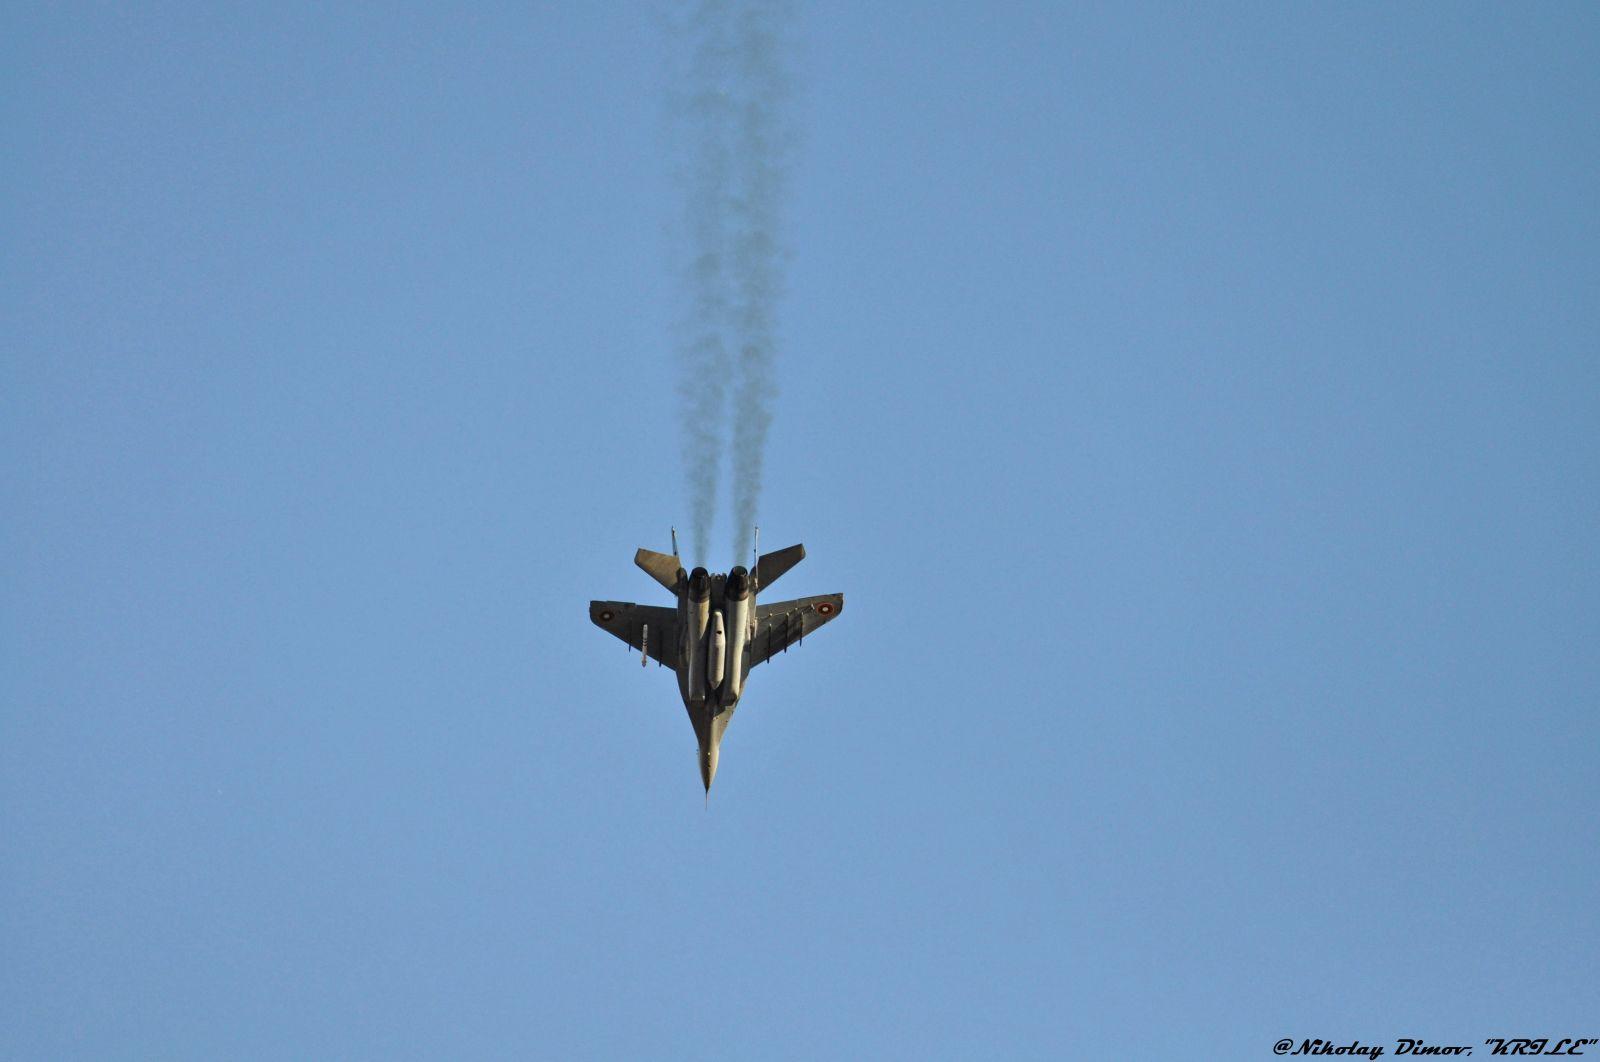 ПЪРВИЯТ ИЗЦЯЛО РЕМОНТИРАН МИГ-29 НА БЪЛГАРСКИТЕ ВВС ВЕЧЕ Е ГОТОВ, ПРЕДСТОИ ДА БЪДЕ ОБЛЕТЯН! ЗАРАДИ ПАНДЕМИЯТА: ИМА ЗАБАВЯНЕ В РЕМОНТА НА ИЗТРЕБИТЕЛИТЕ НИ